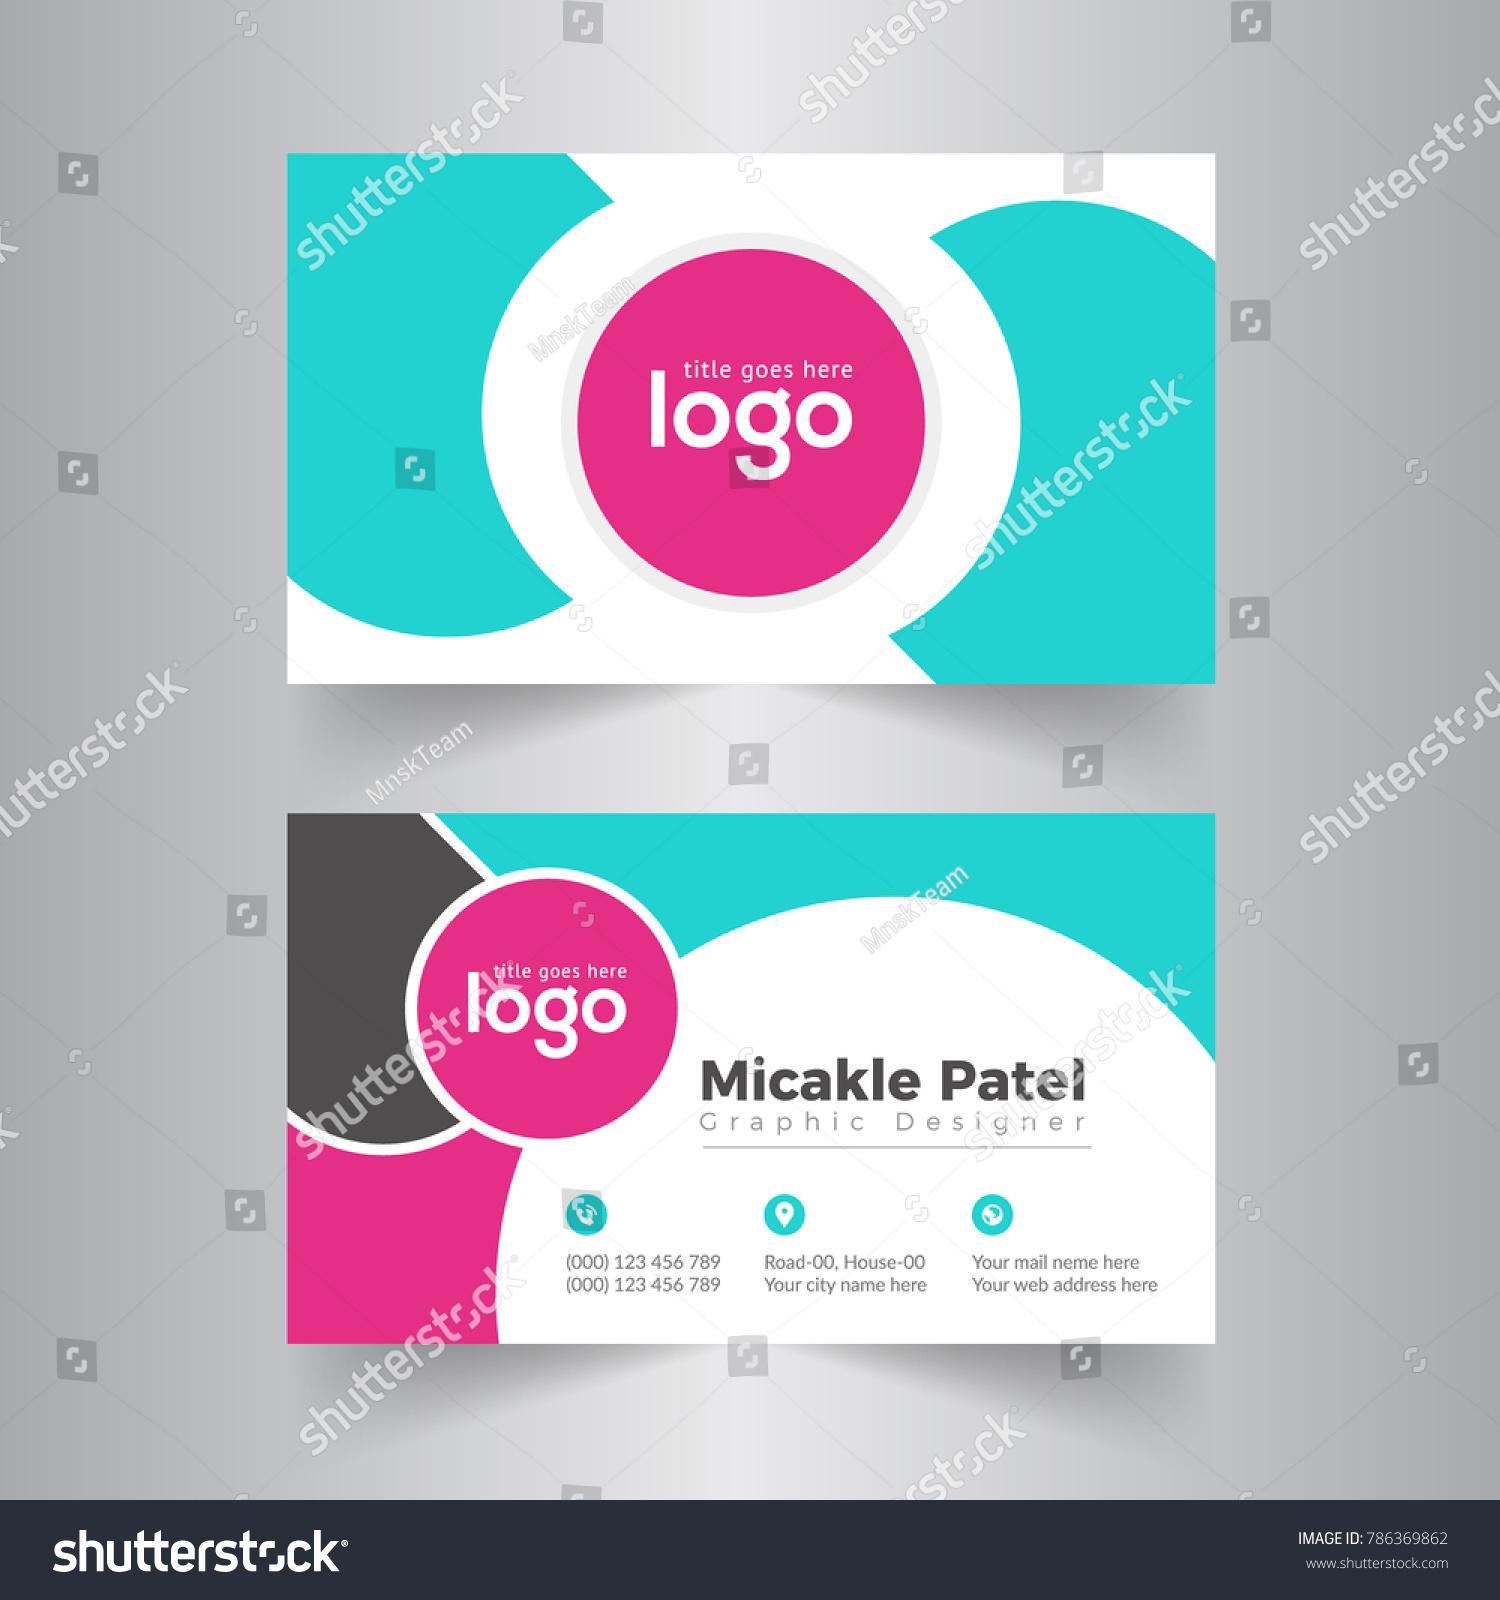 Circle Business Card Vector Design Stock Vector 786369862 ...